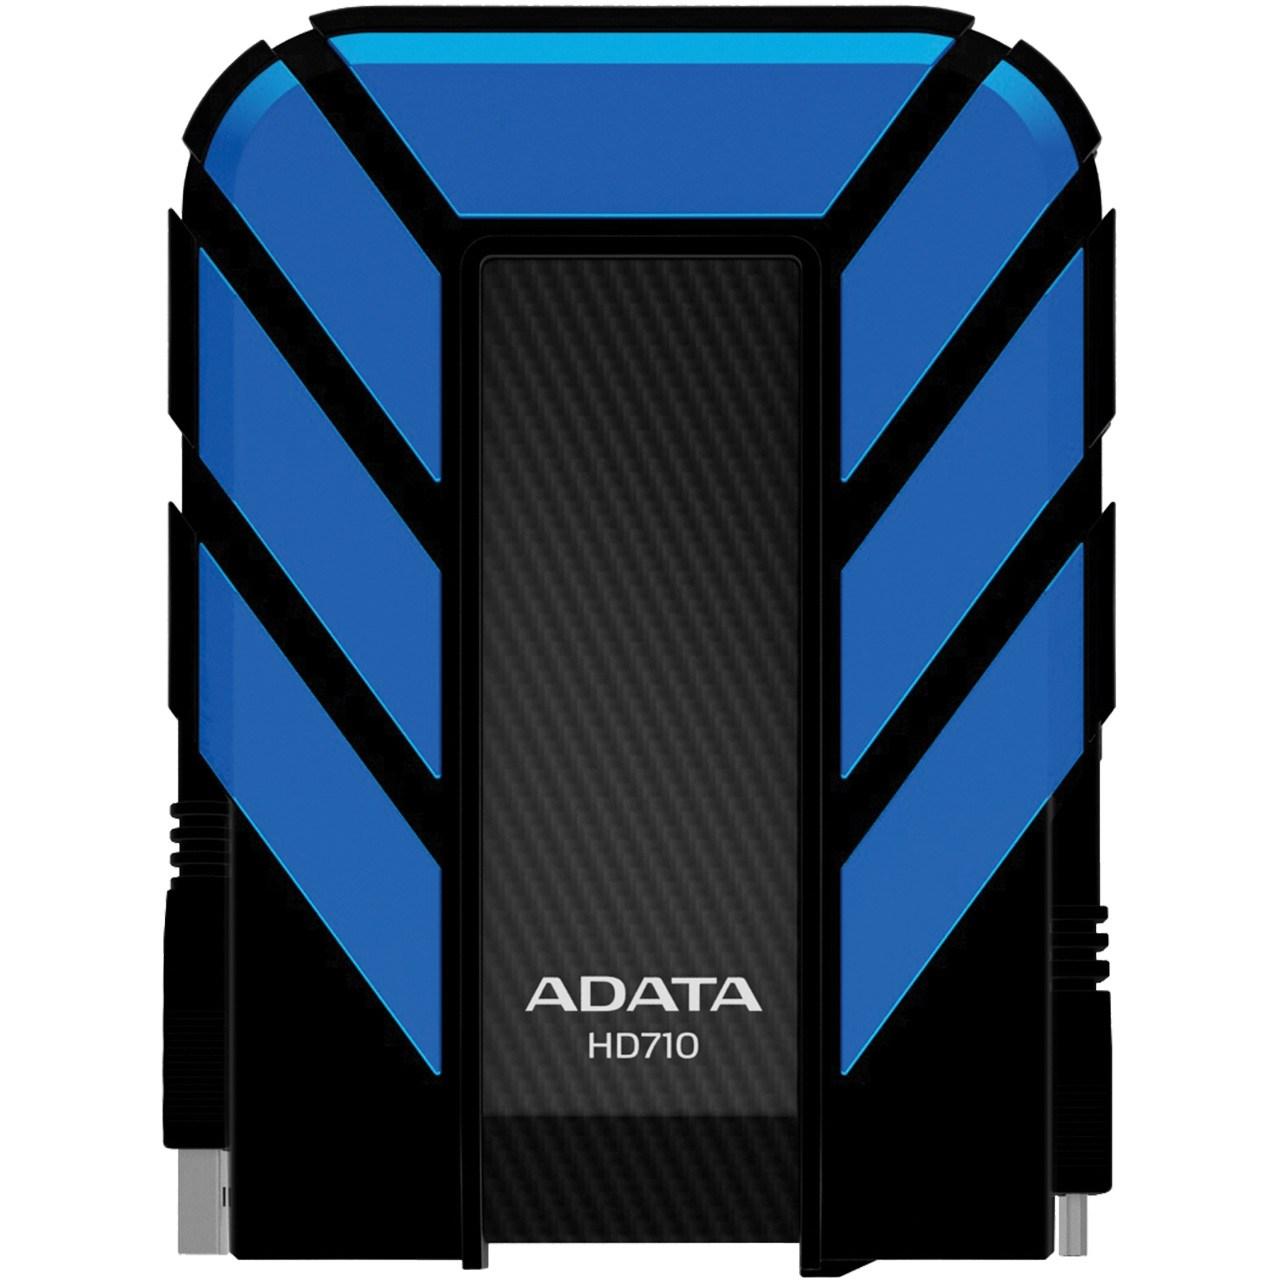 هارددیسک اکسترنال ای دیتا مدل HD710 ظرفیت 500 گیگابایت